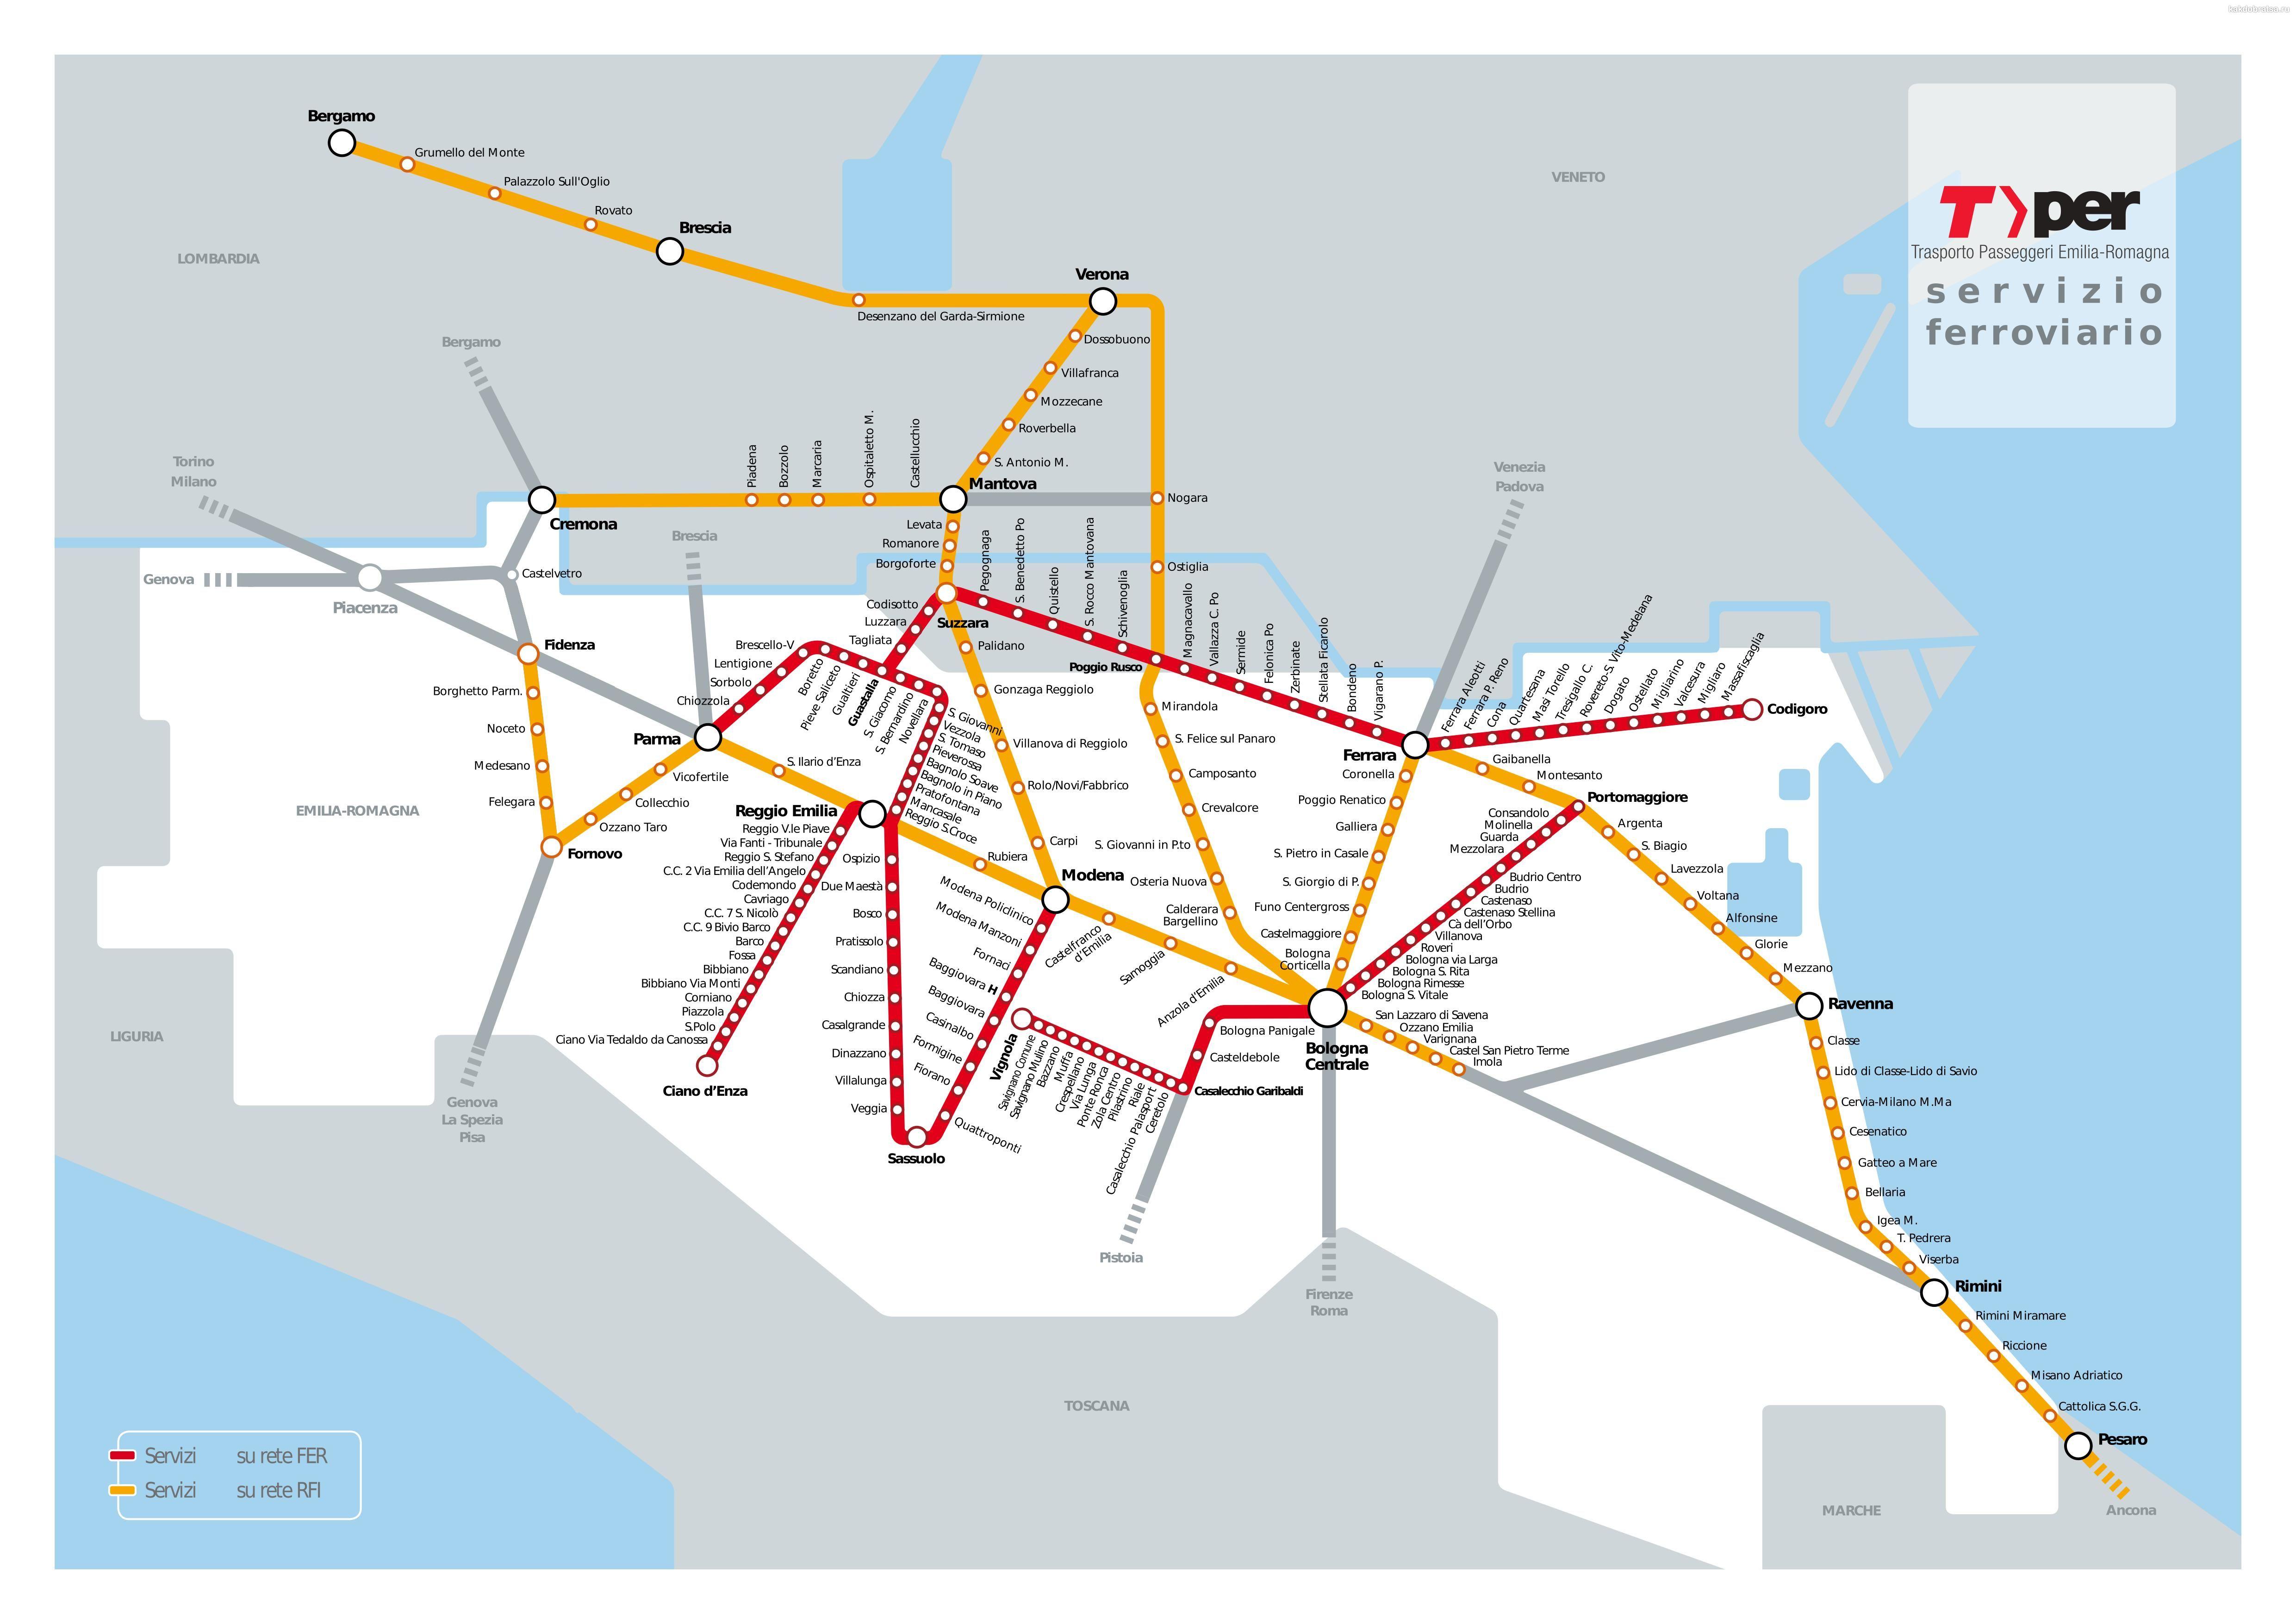 Карта поездов и электричек из Болоньи и Эмилия-Романья